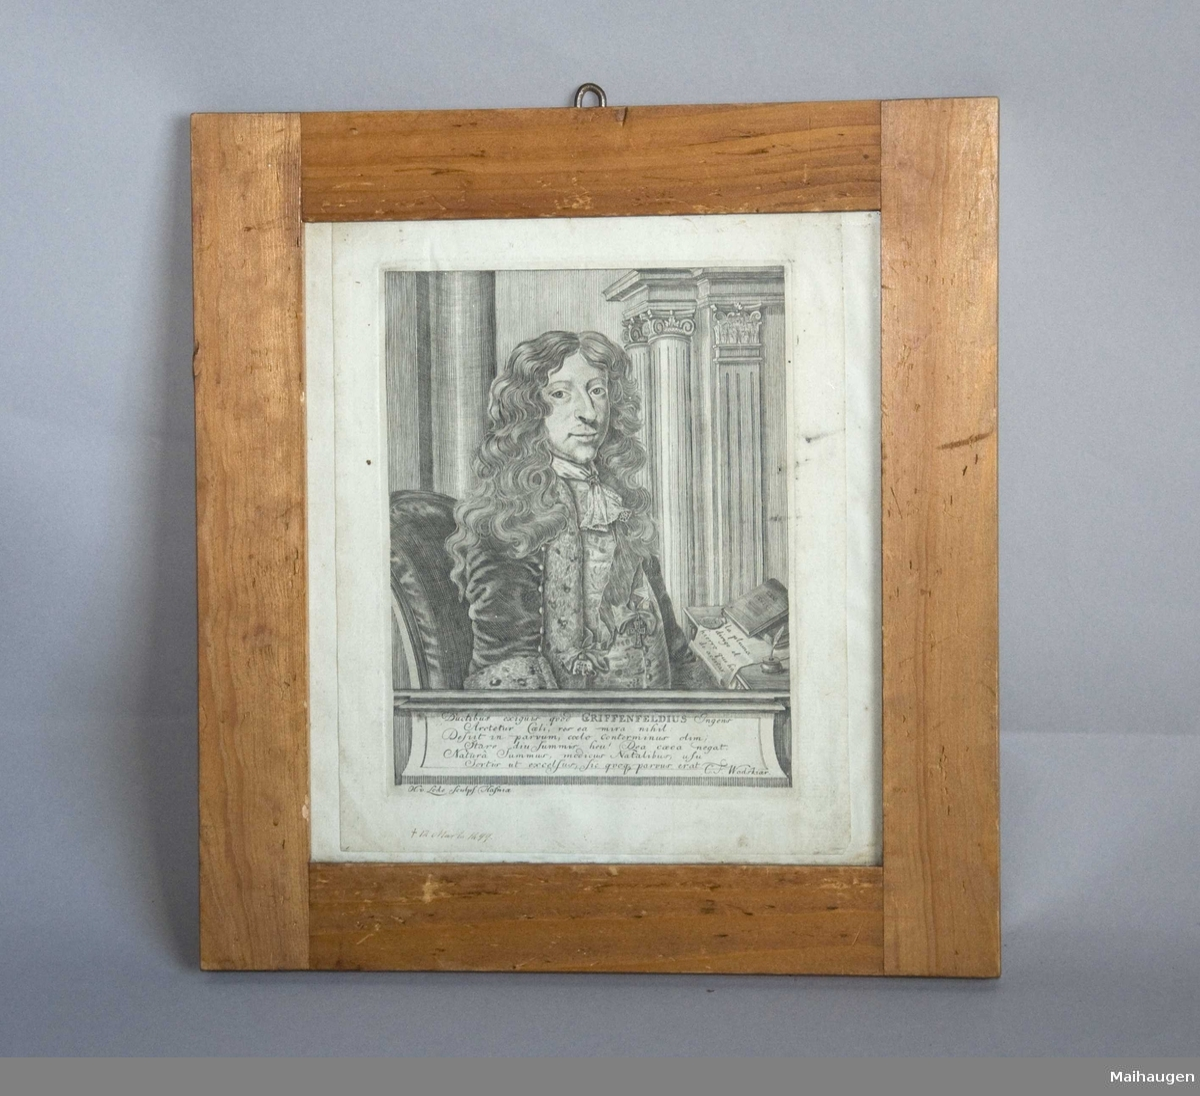 Innrammet kobberstikk. Kobberstikket viser en mann, sittende ved et skrivebord med et skap i bakgrunnen. Skapet har søyler med komposittkapiteler og pilastre med korintiske kapiteler. På skrivebordet ligger en bok og et brev. Boken er merket LEX REGIA - Kongeloven, som Griffenfeld utarbeidet i 1665.